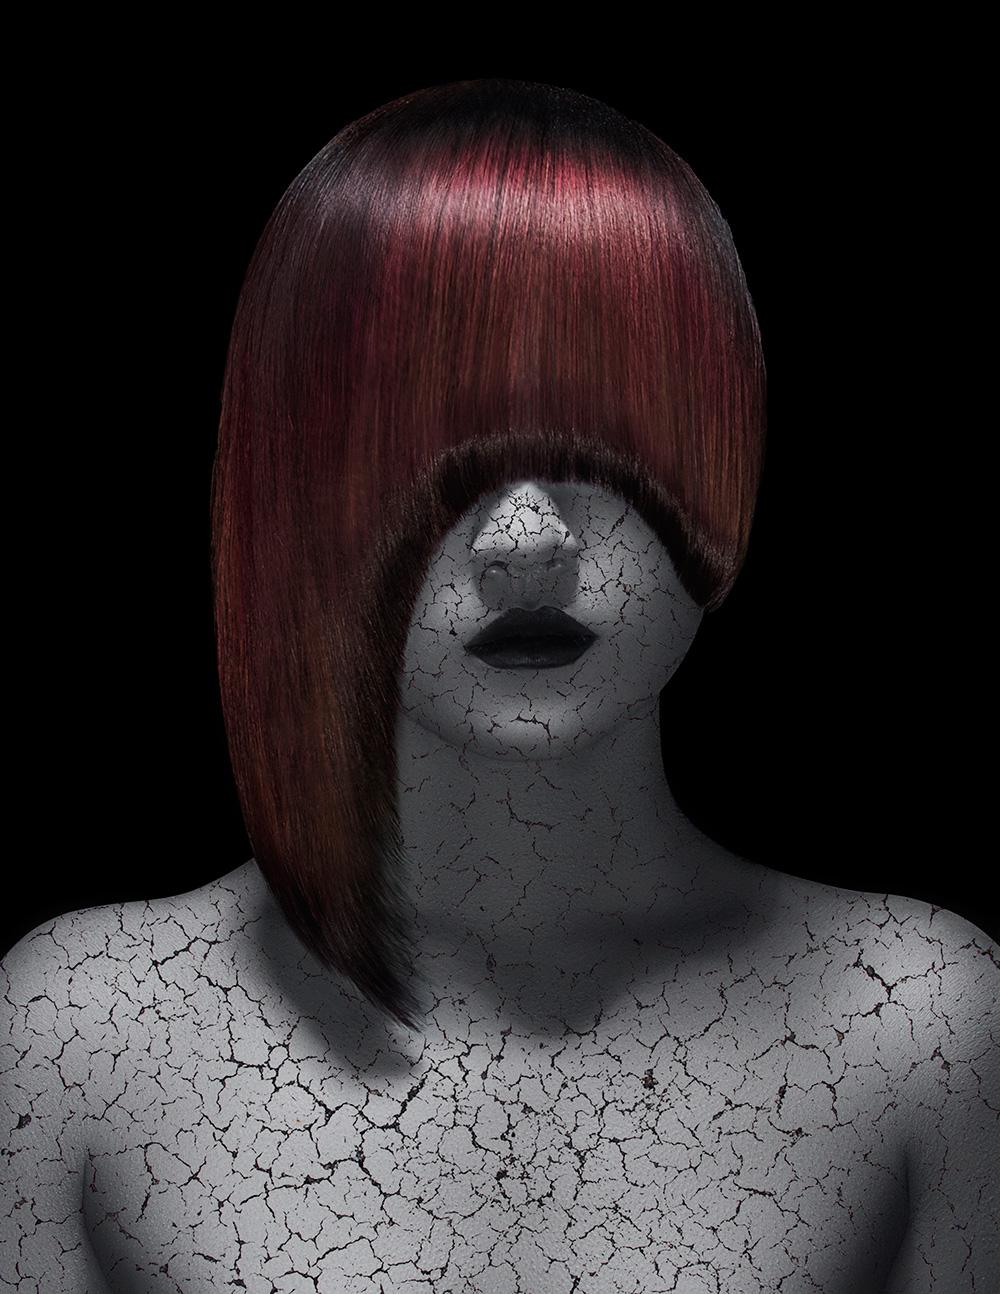 Stacey Smoker, Senses NY Salon & Spa in New York, NY